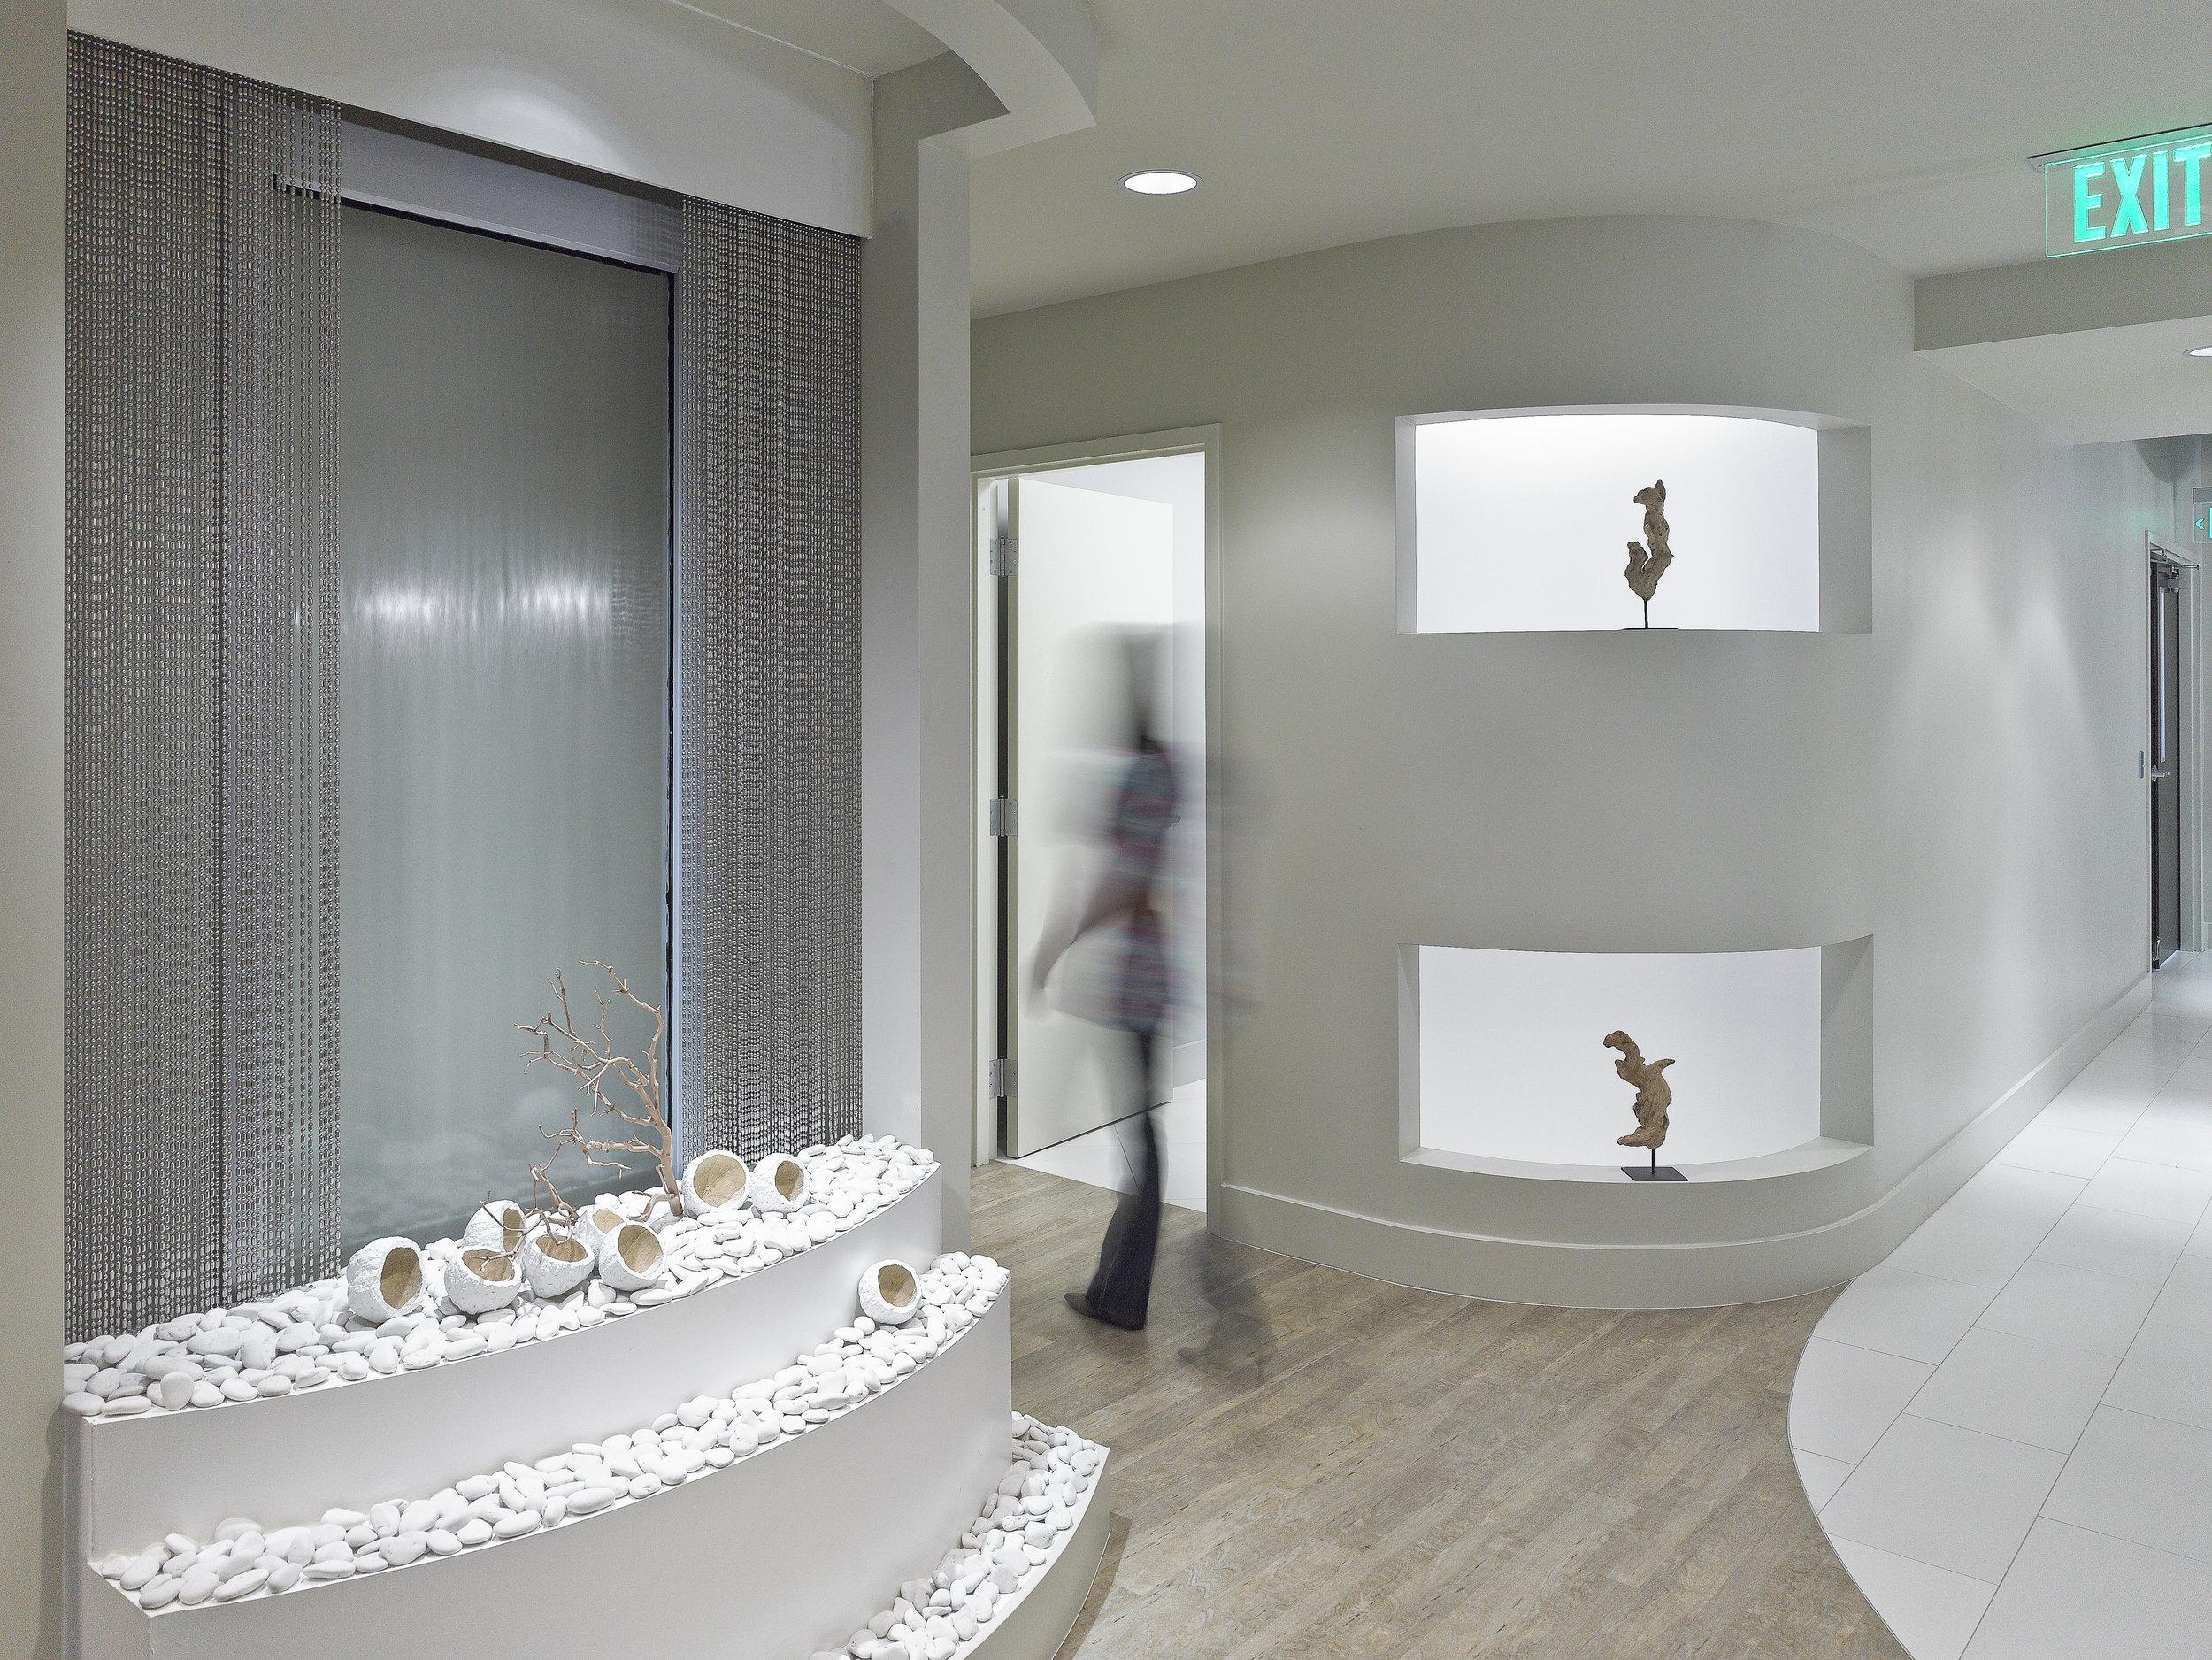 Commercial_Dr_spau_hallway.jpg